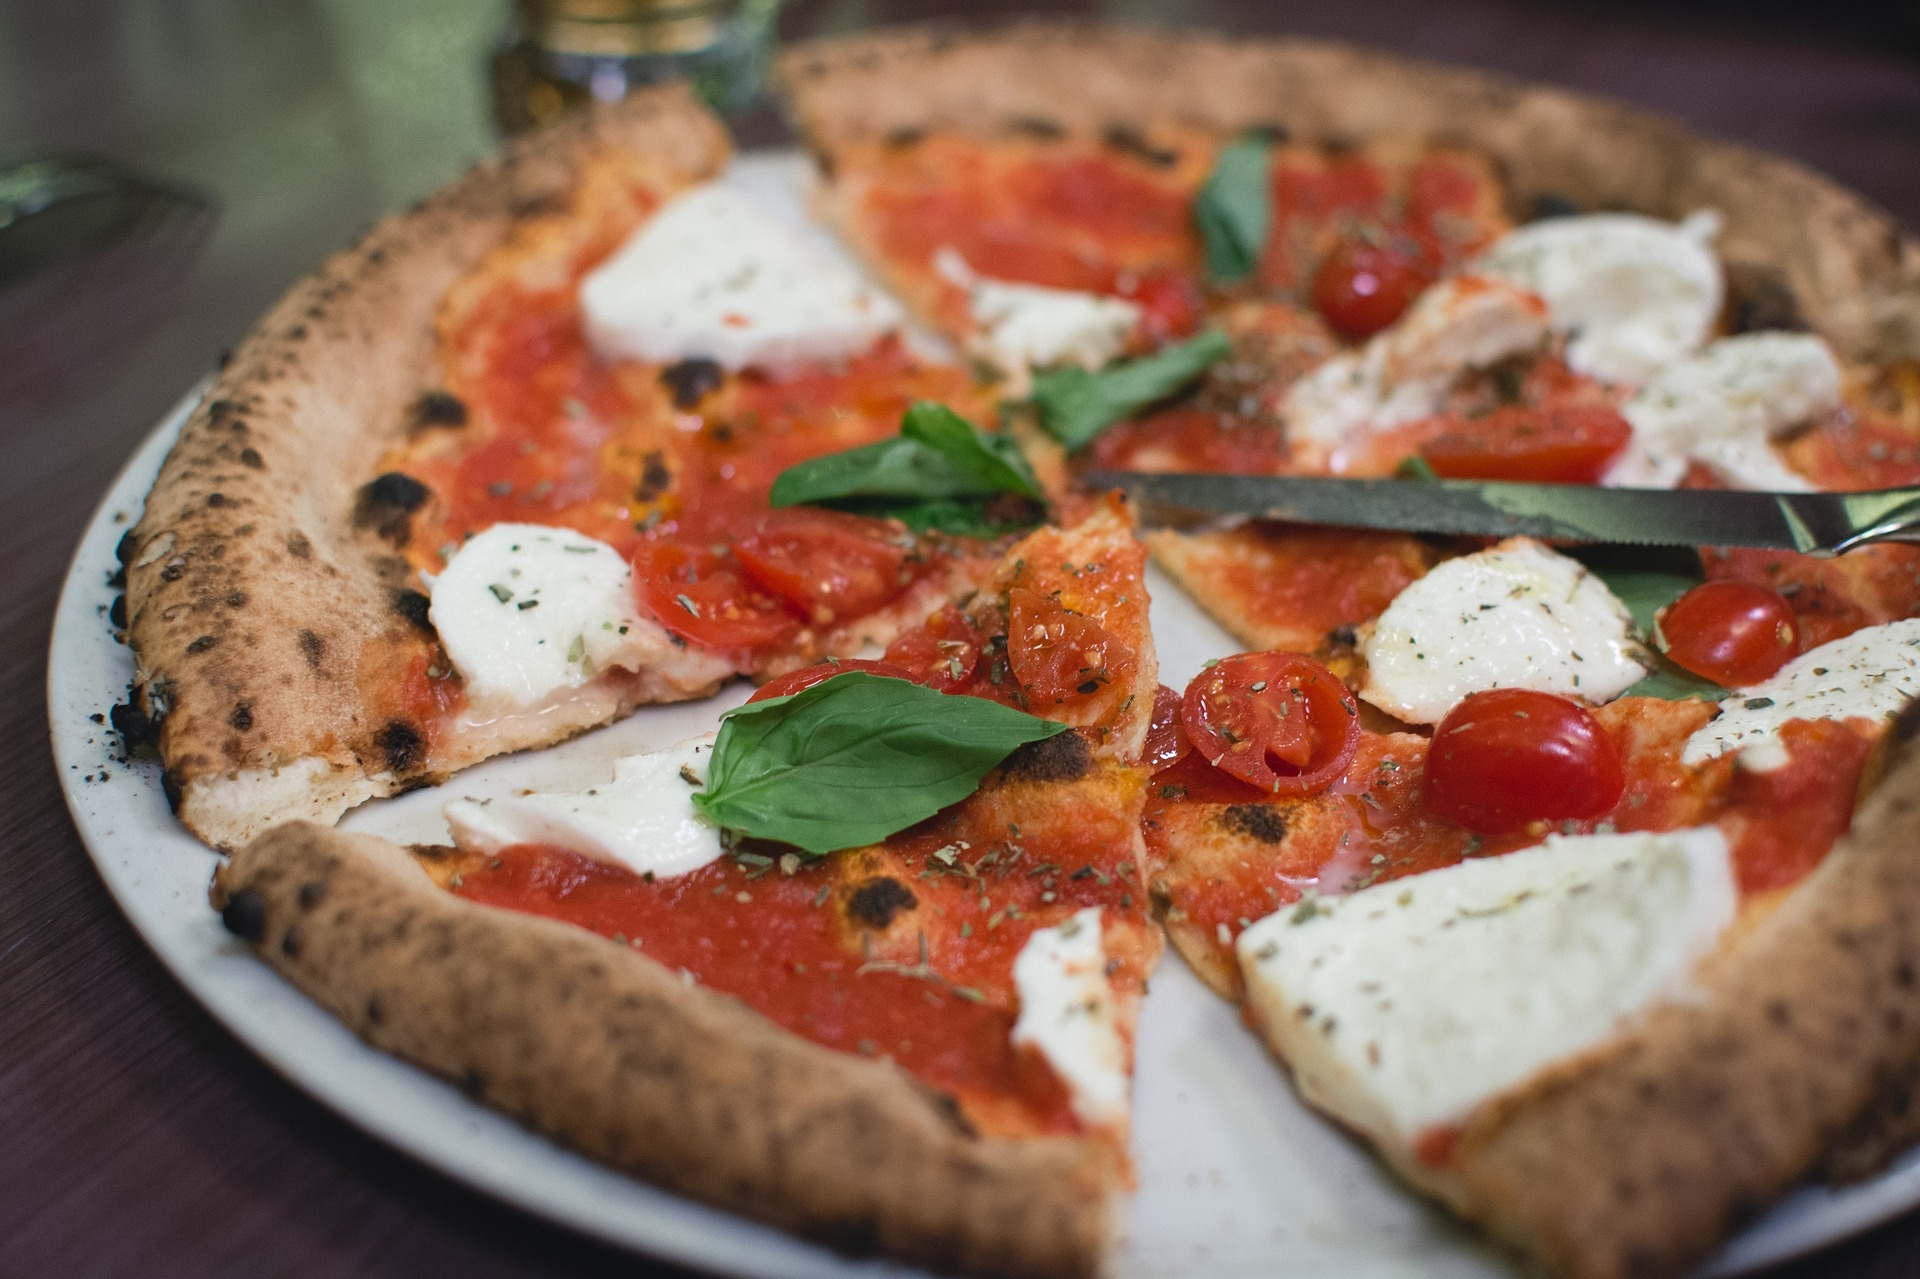 MARGHERITA PIZZA 993274 1920 TAPETE DE SILICONA PARA PIZZA: ¿MEJOR QUE LOS ACEROS PARA PIZZA?